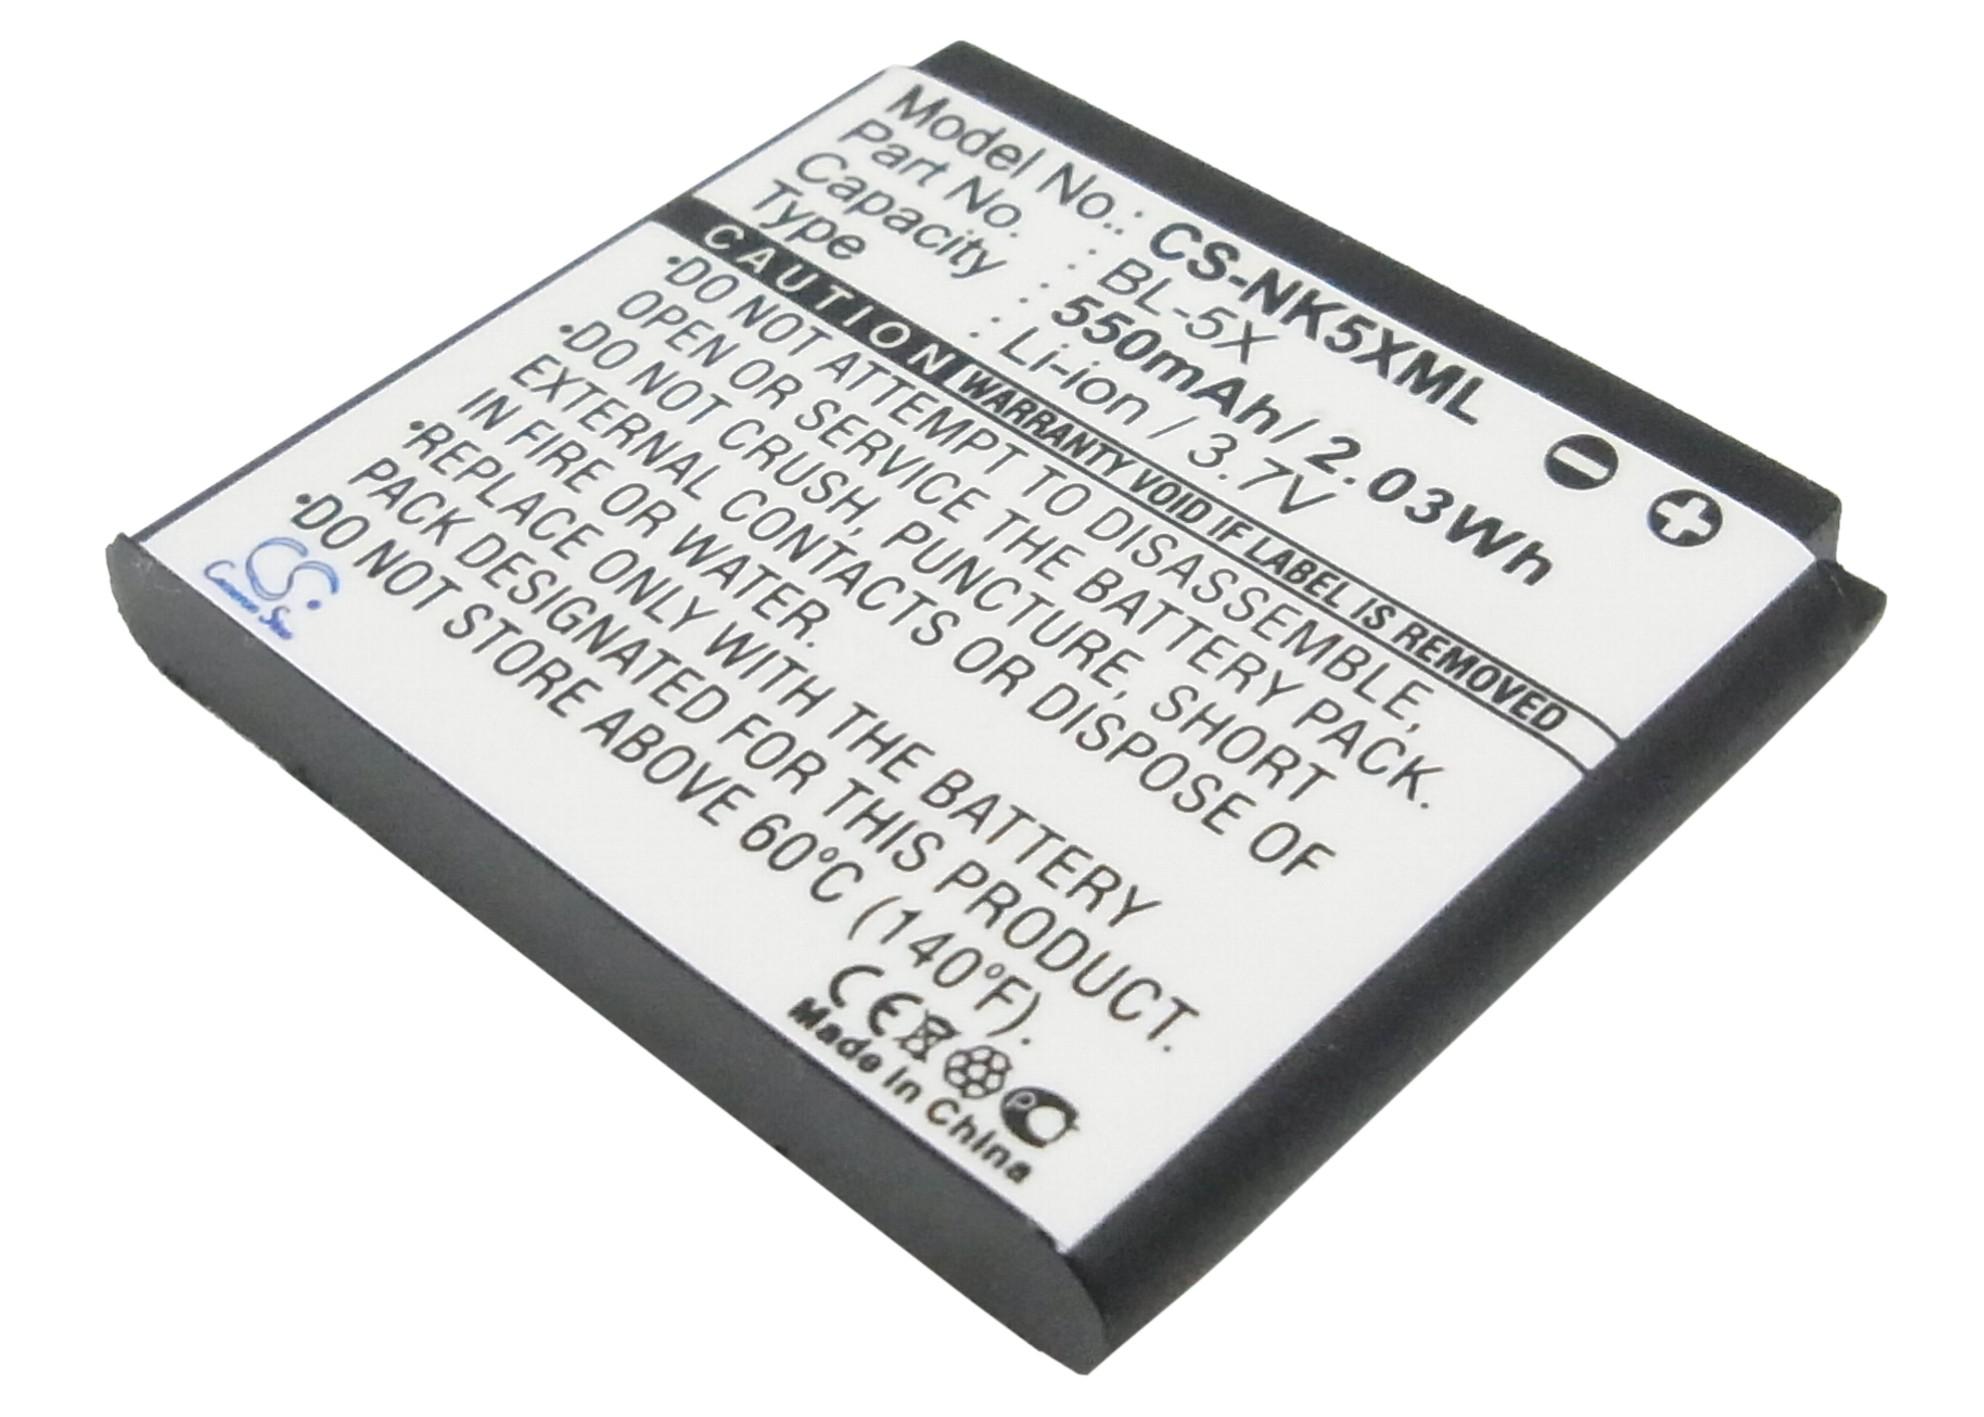 Cameron Sino baterie do mobilů pro NOKIA 8800 Sirocco 3.7V Li-ion 550mAh černá - neoriginální